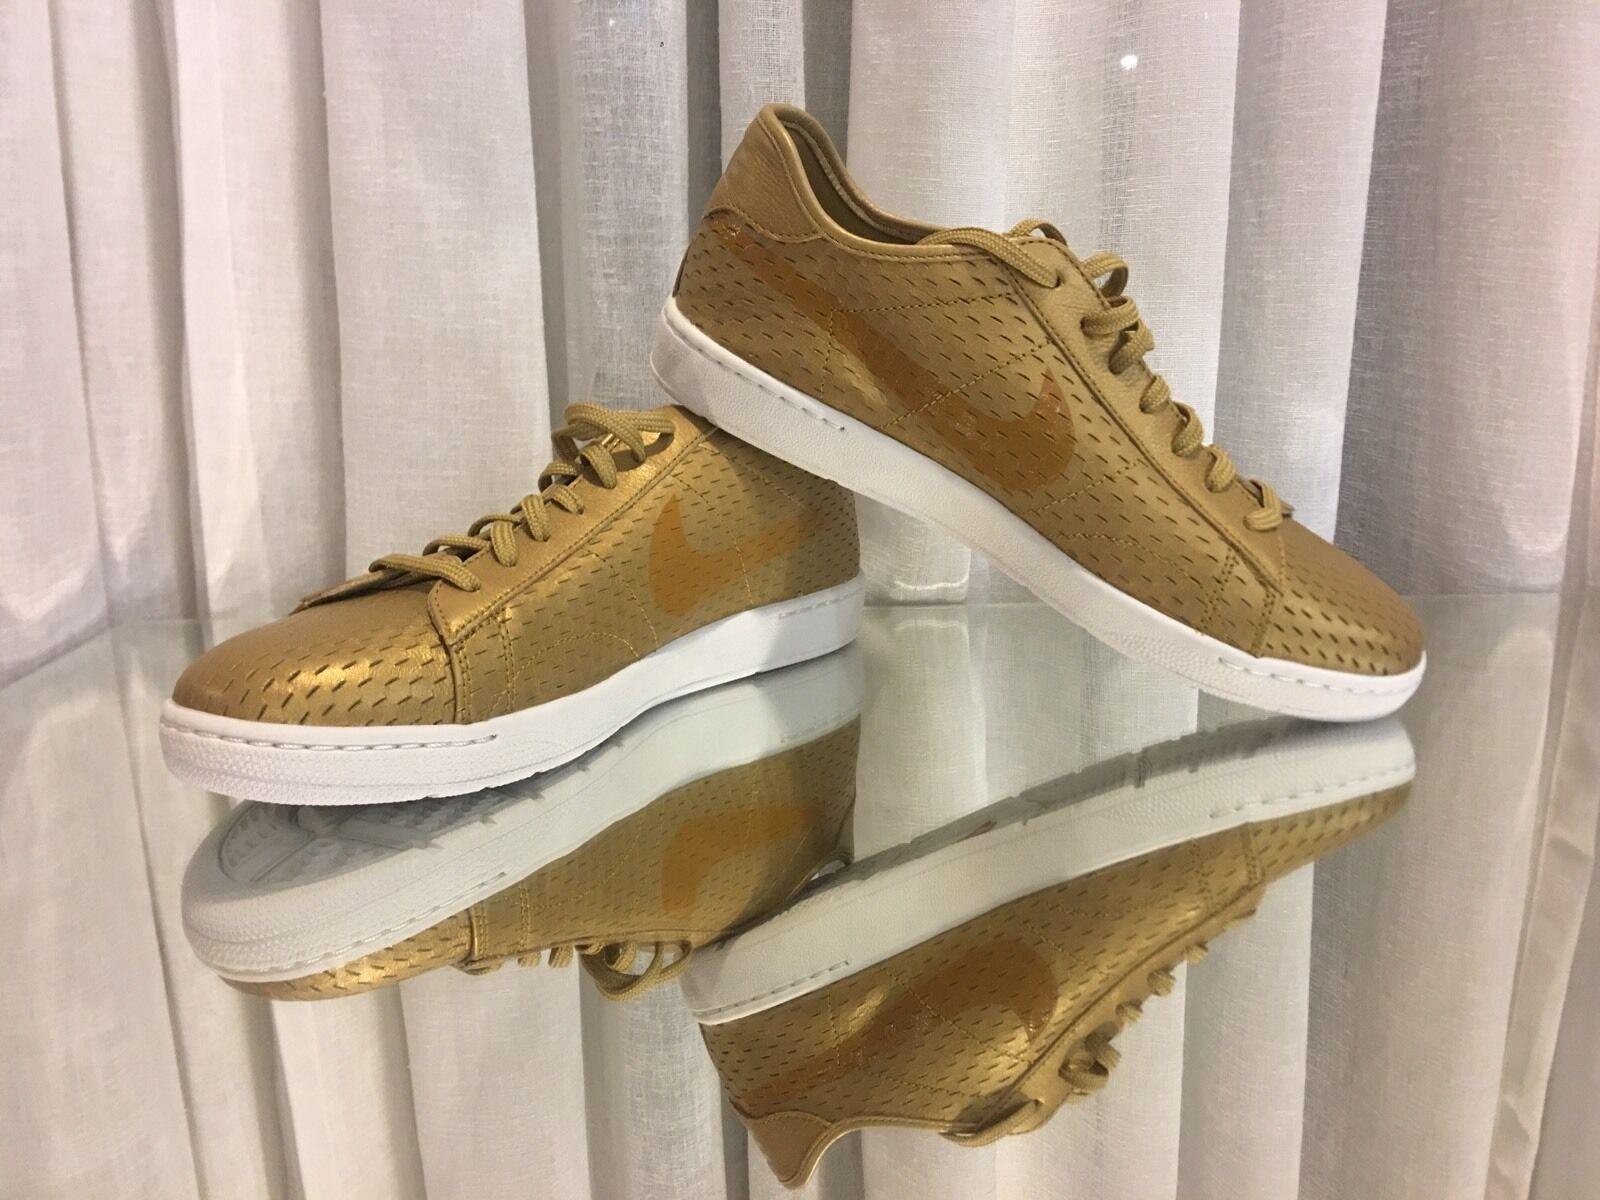 Nike da donna tennis classic ultra premium scarpe 44 749647 700<new>